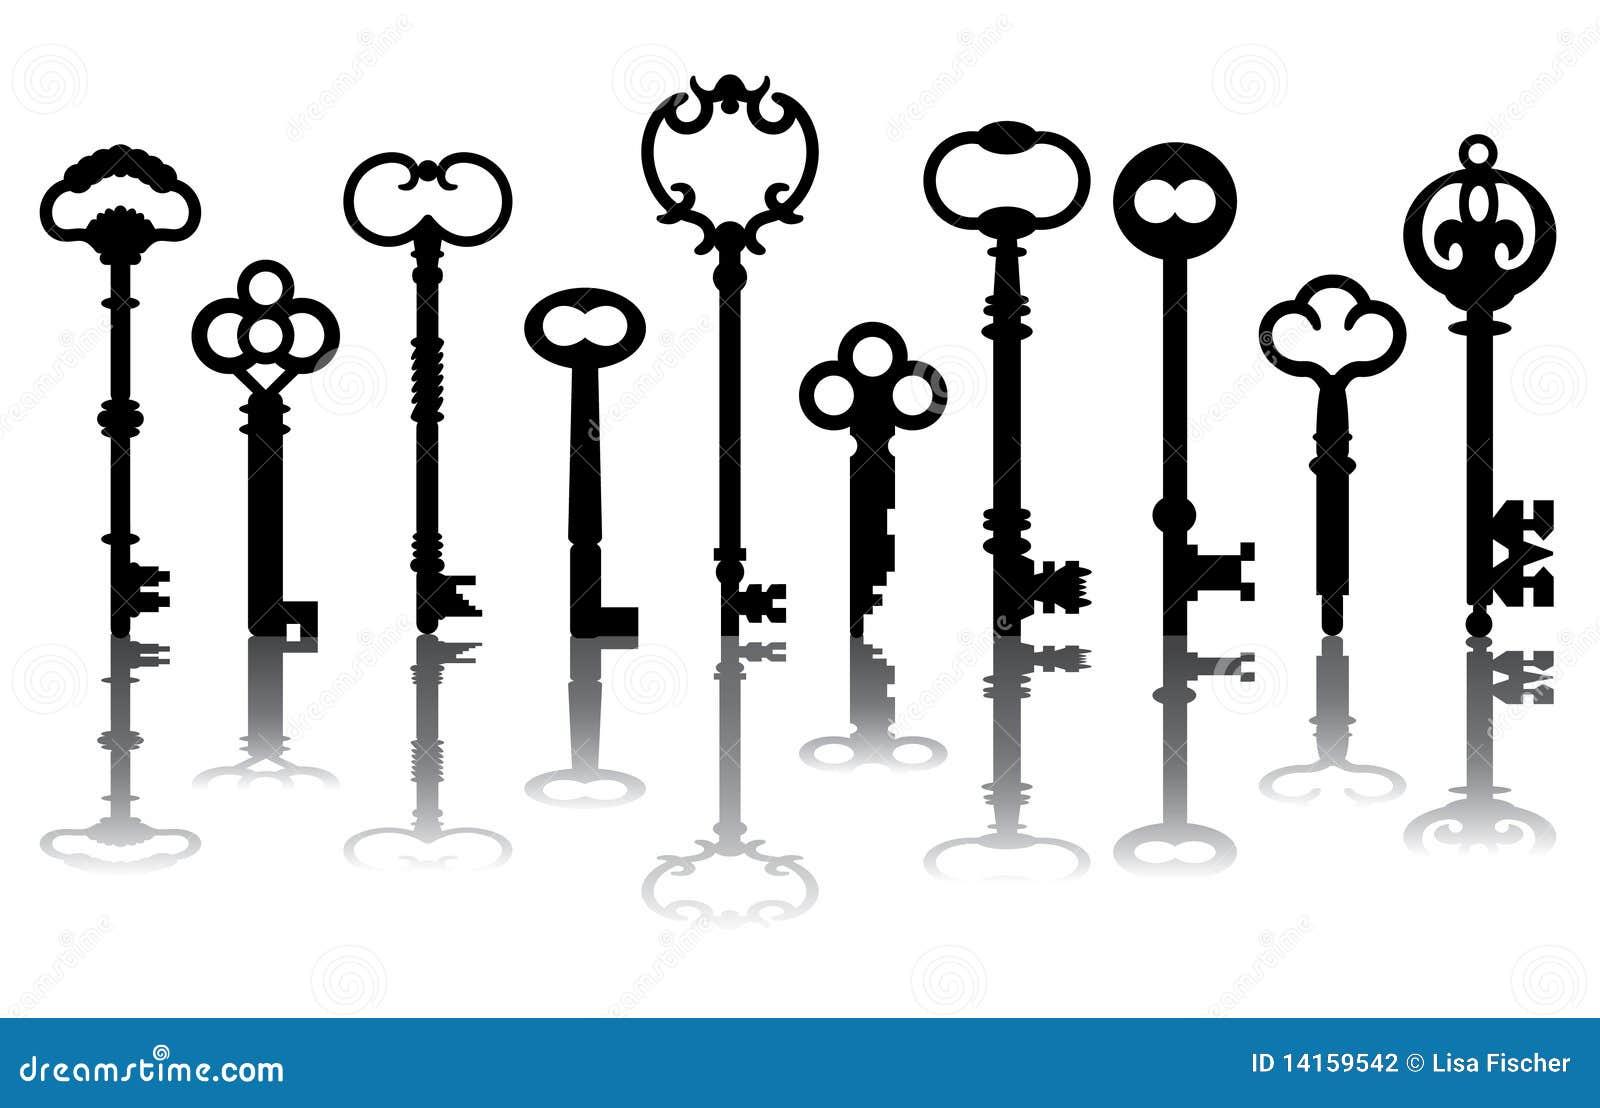 Ten Skeleton Key Icons Stock Vector Illustration Of House